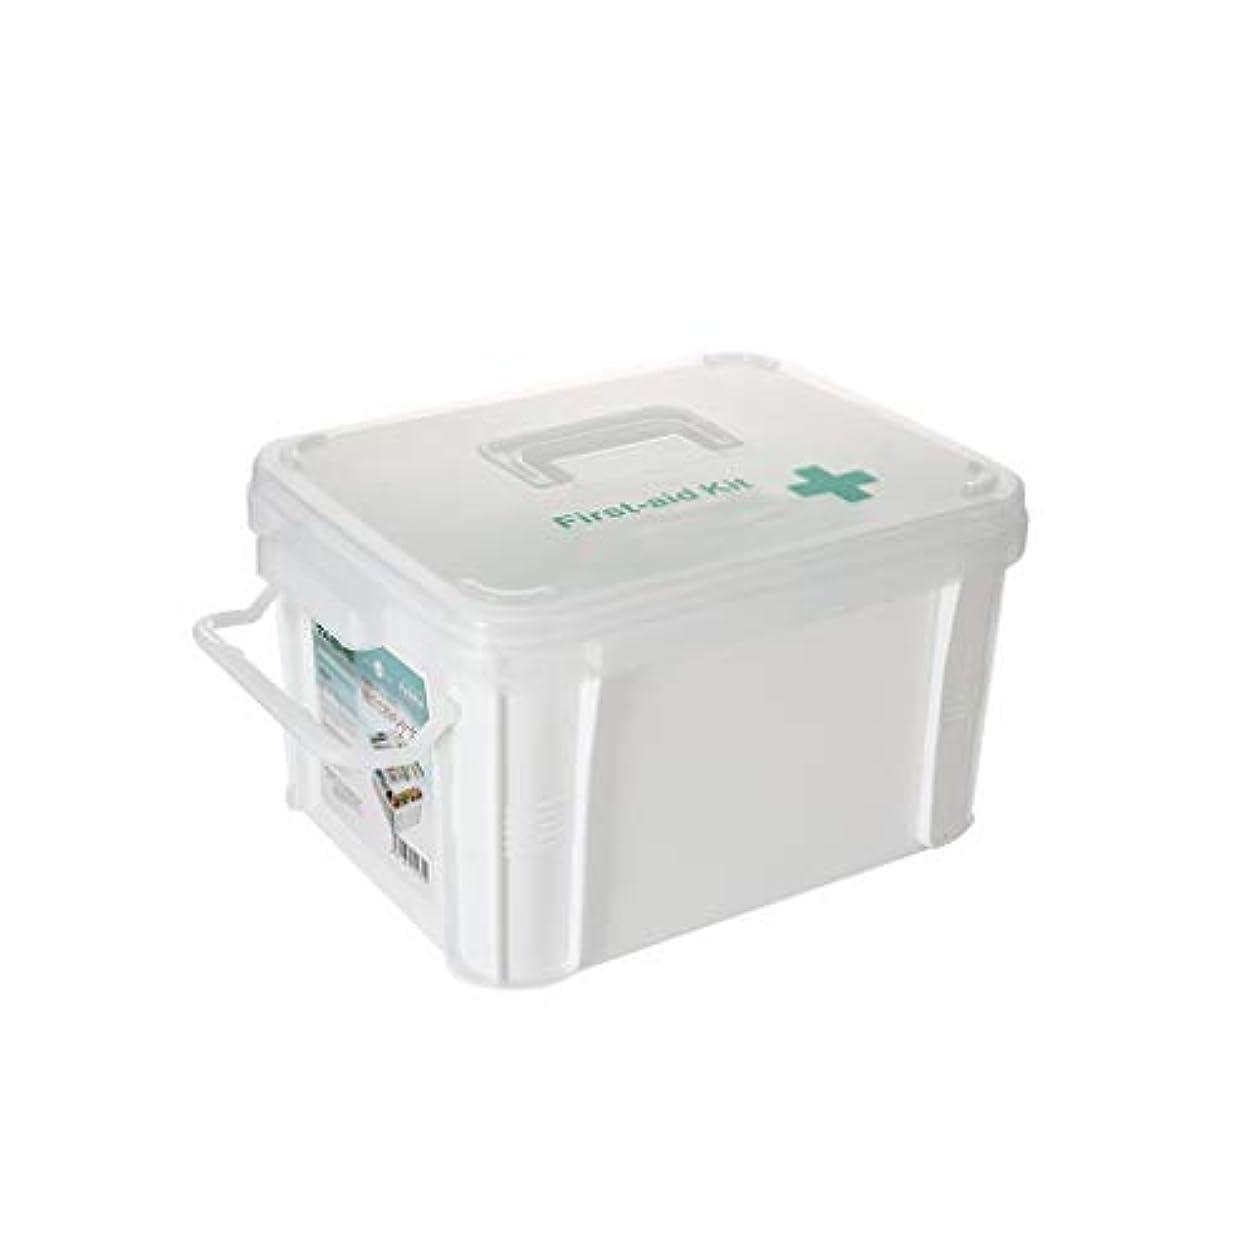 家庭用救急箱大薬箱多層医療箱大容量収納ボックス薬箱二サイズオプション AMINIY (Size : 39.5×27.5×22cm)